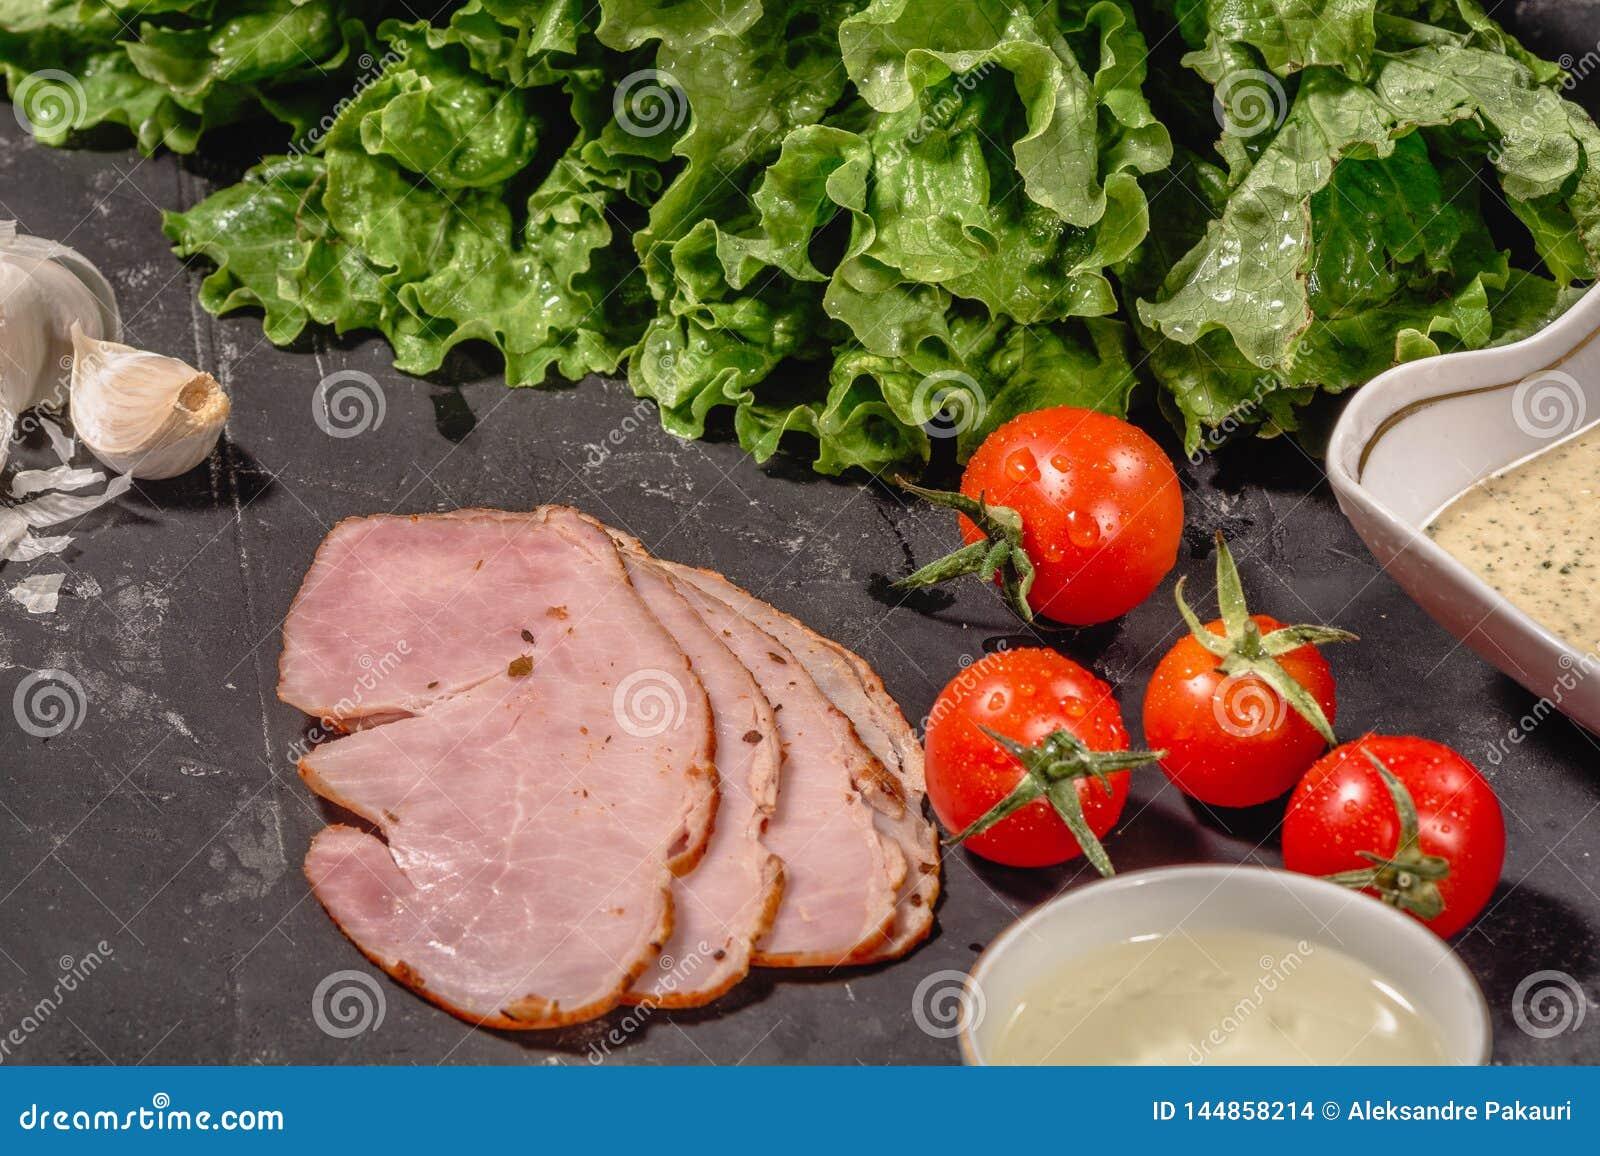 Συστατικά για το ιταλικό bruschetta μαγειρέματος στο σκοτεινό πίνακα Ιταλικό bruschetta με τις ντομάτες κερασιών, σάλτσα τυριών,